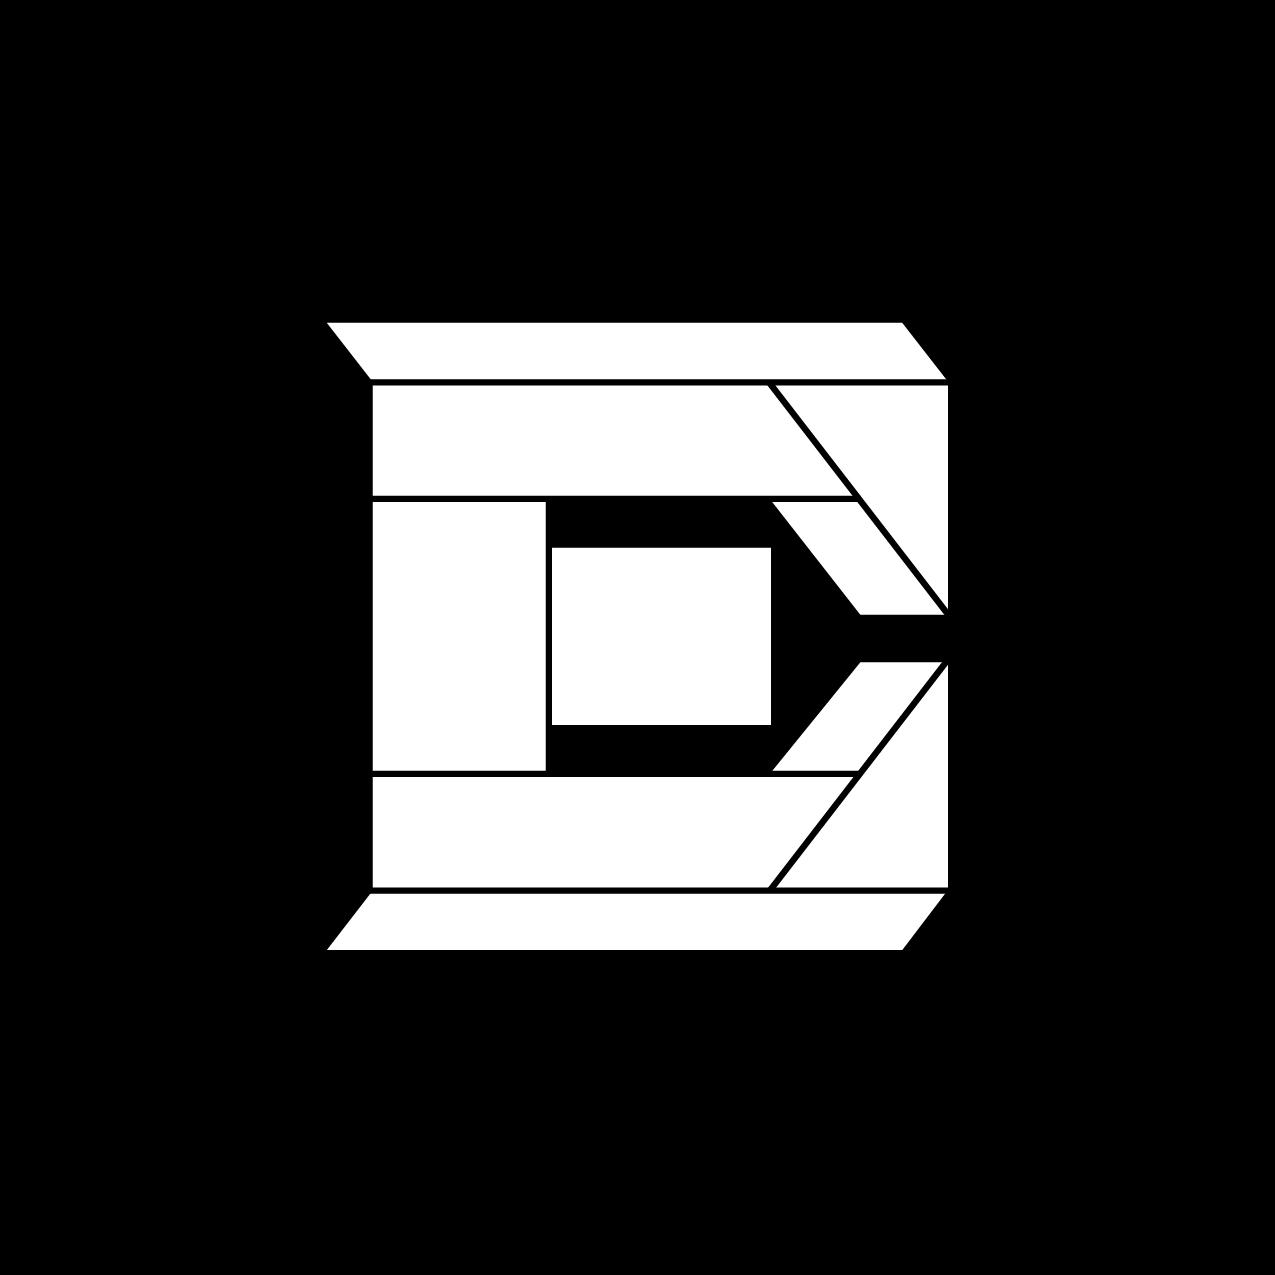 Letter E5 design by Furia